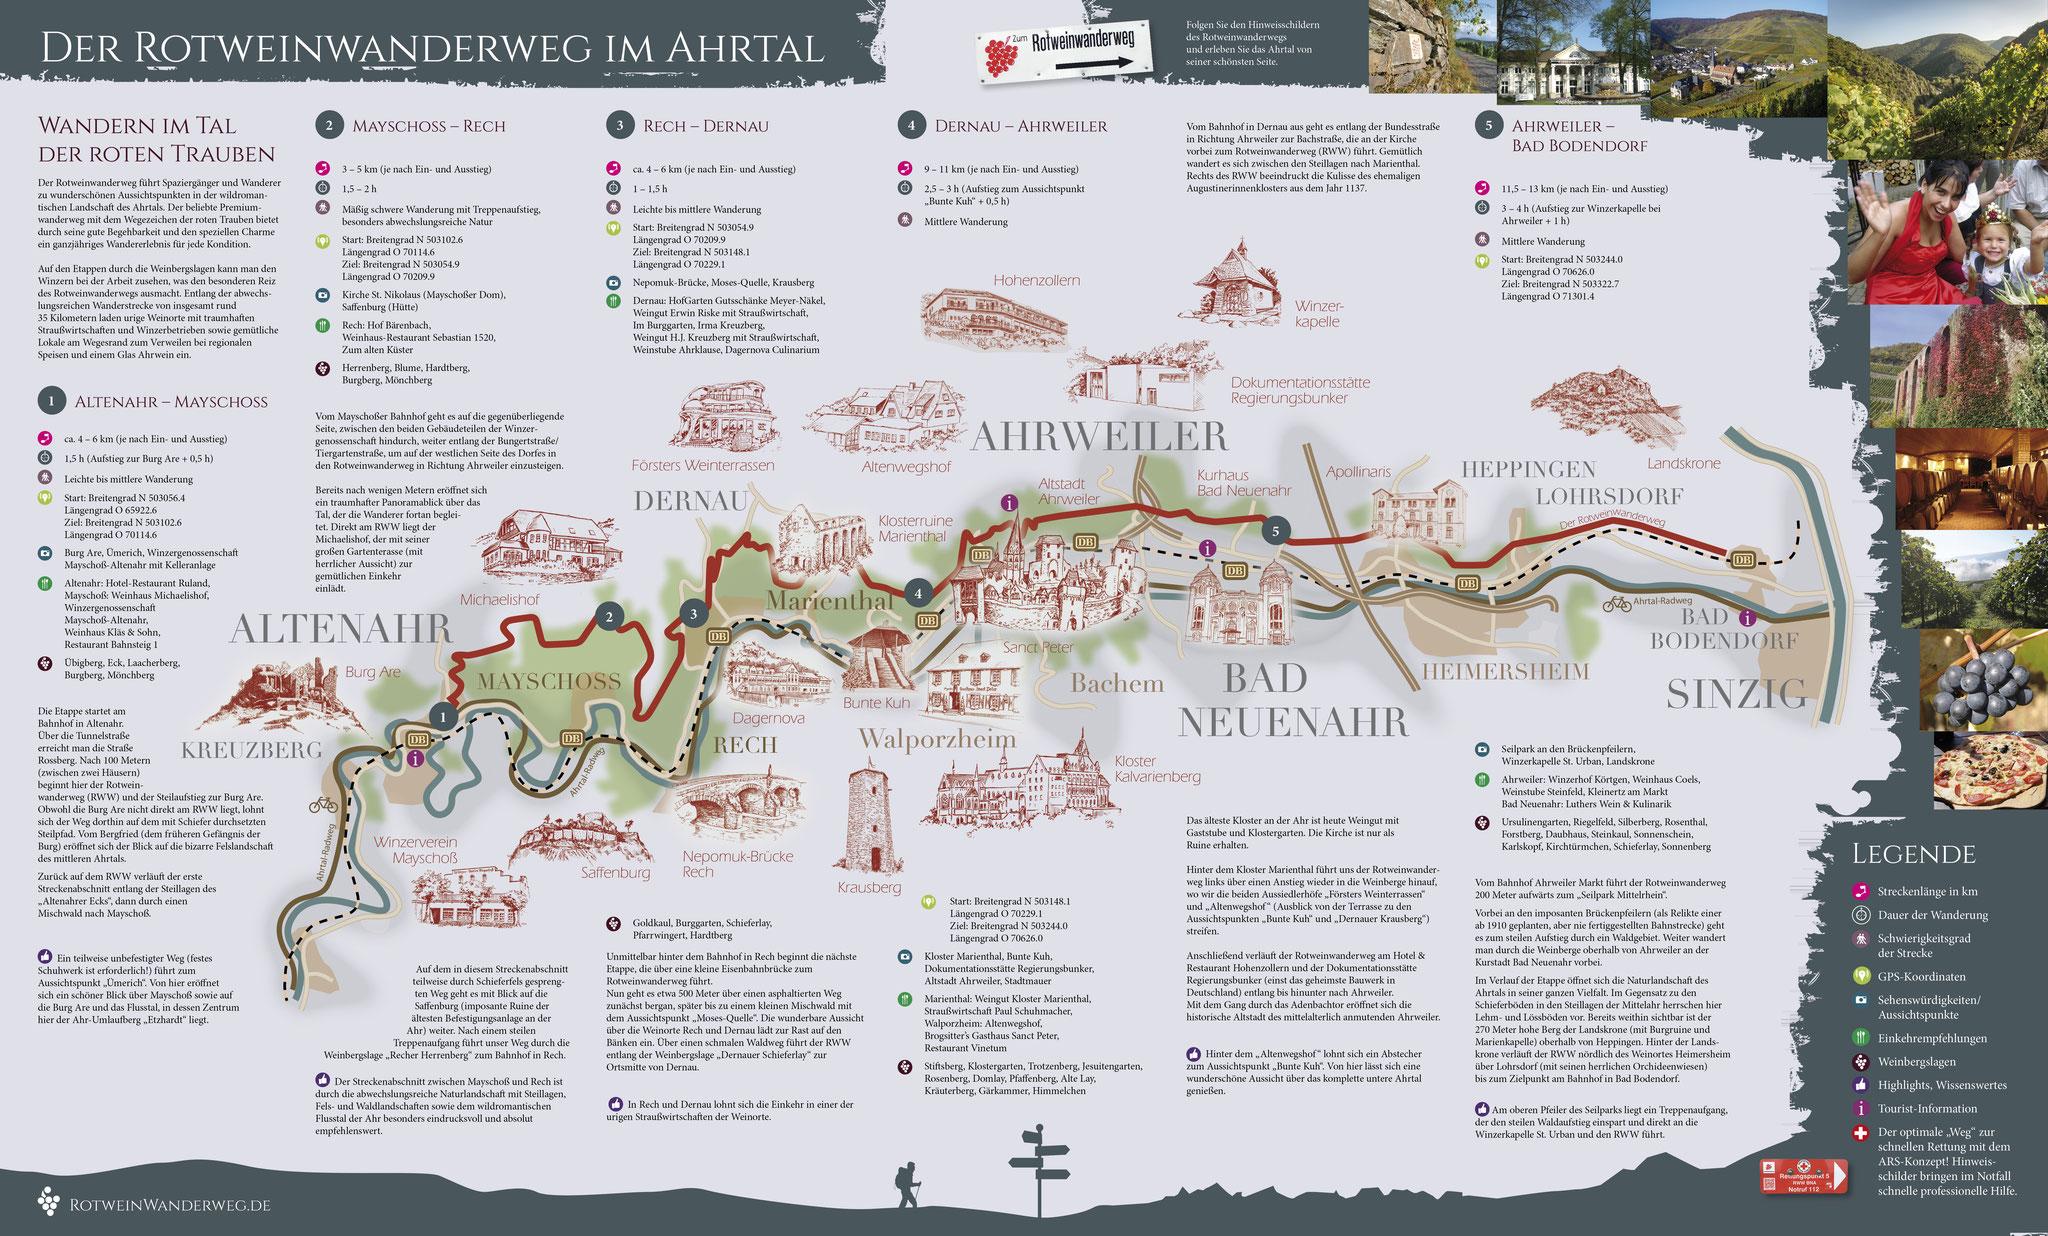 rotweinwanderweg karte Einmalige Präsentation der neuen Karte für den Rotweinwanderweg